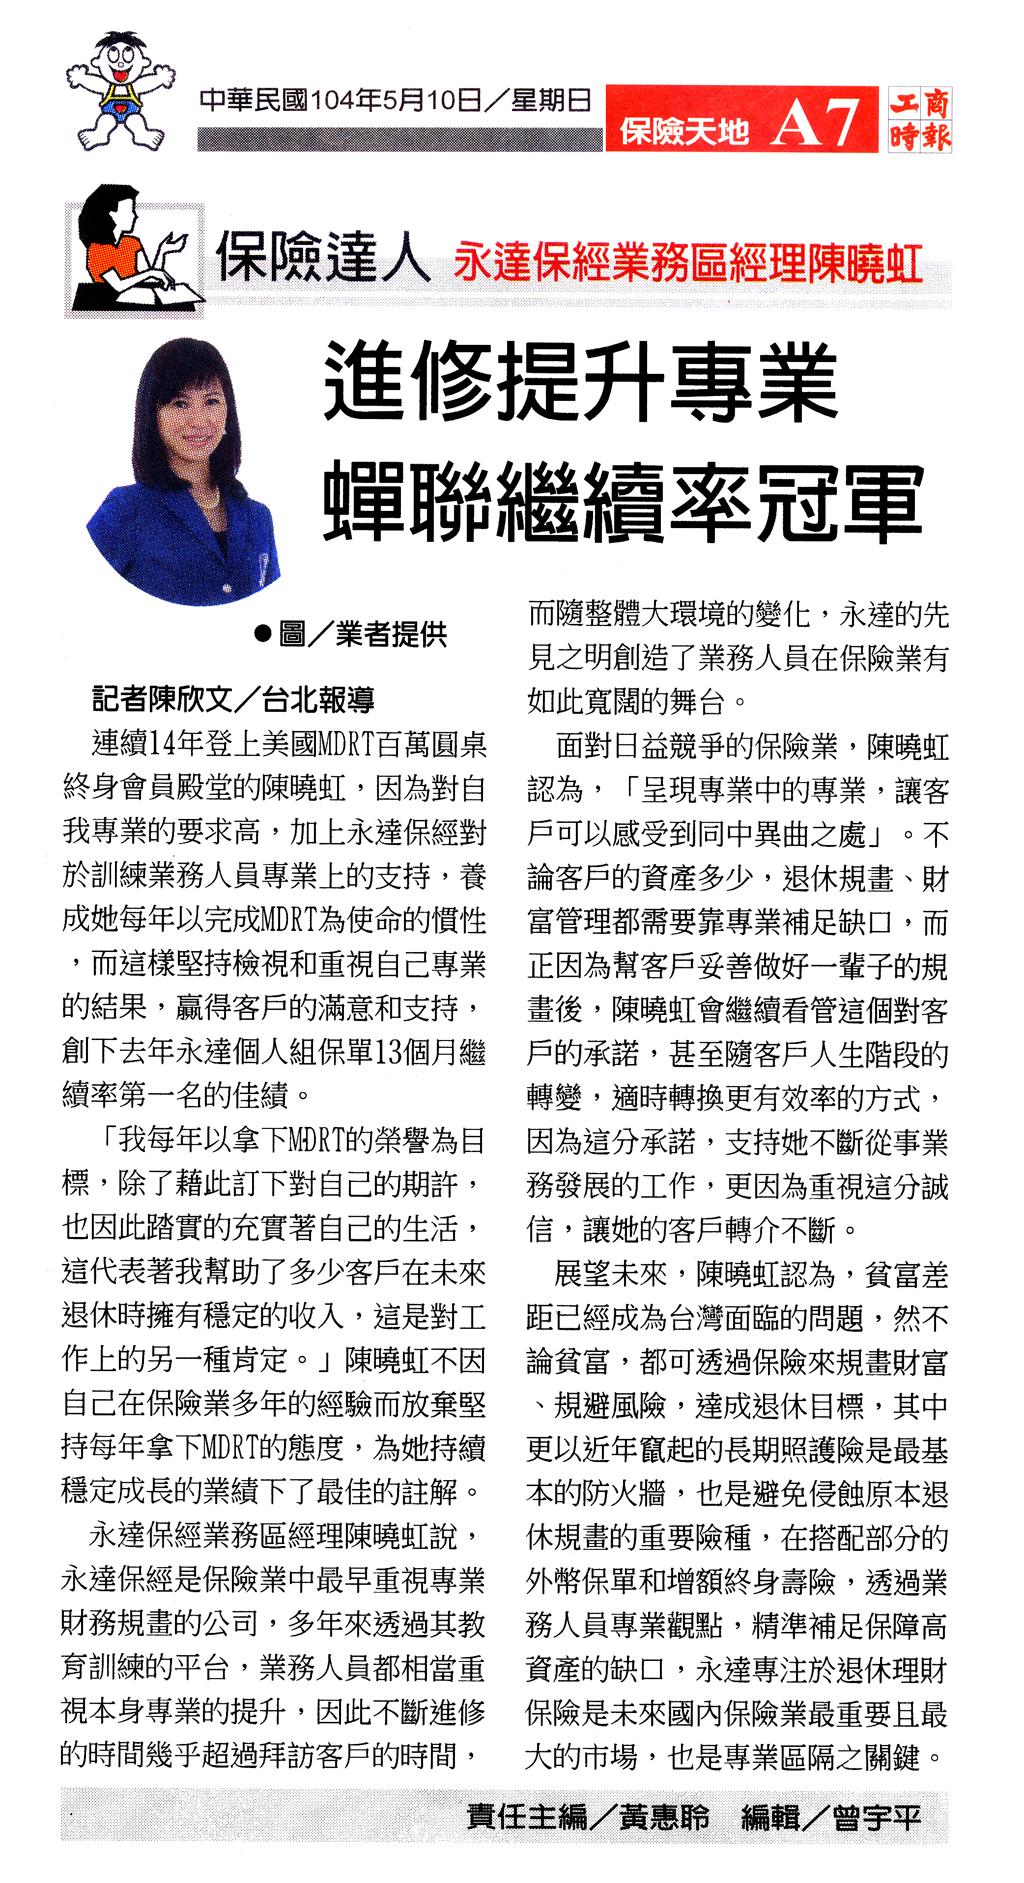 永達保經業務區經理陳曉虹 進修提升專業 蟬聯繼續率冠軍報導圖檔